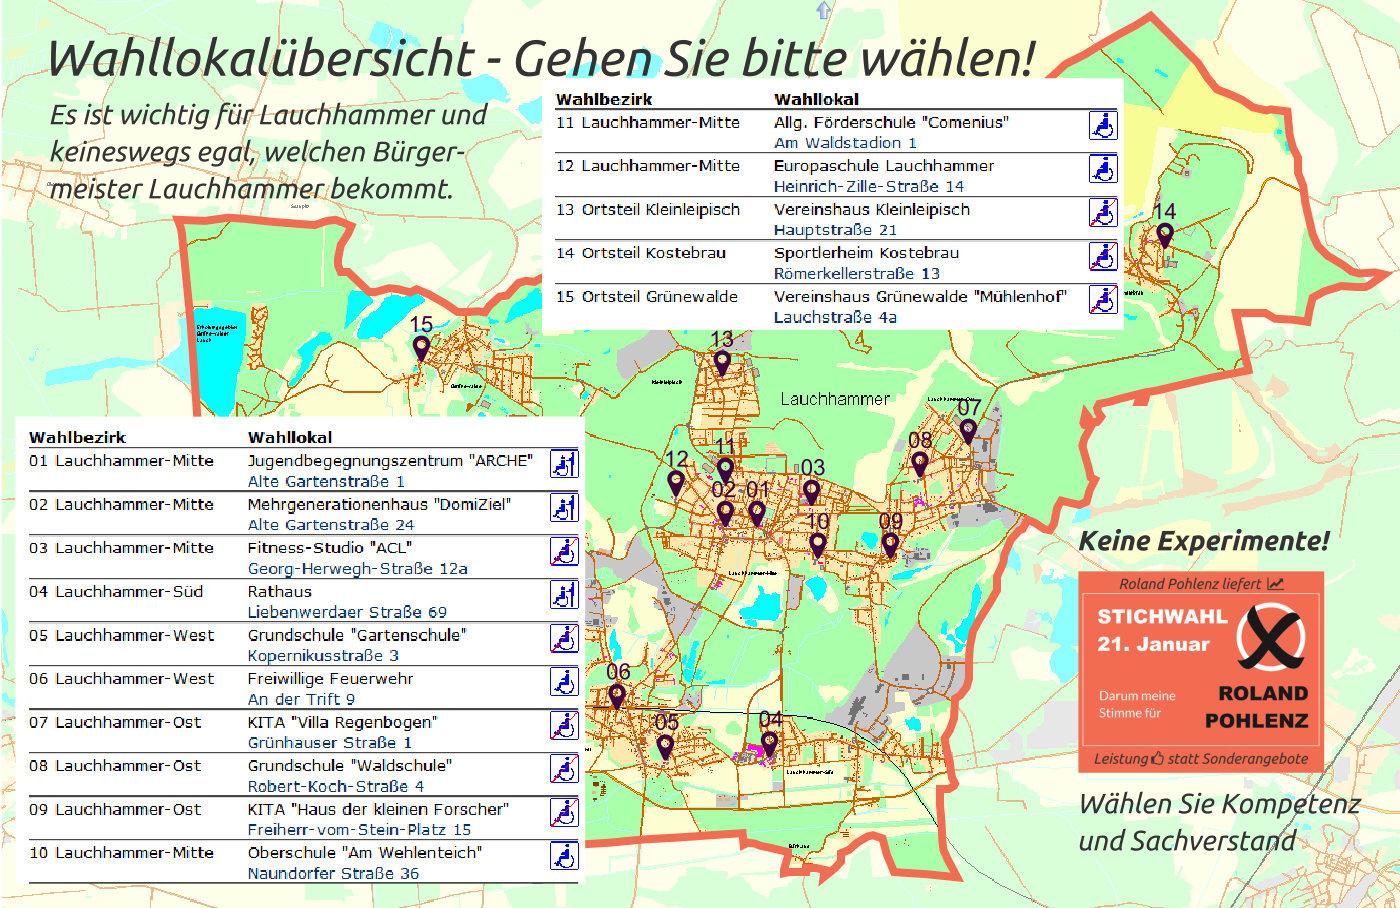 Wahllokale-Übersicht Lauchhammer Roland Pohlenz